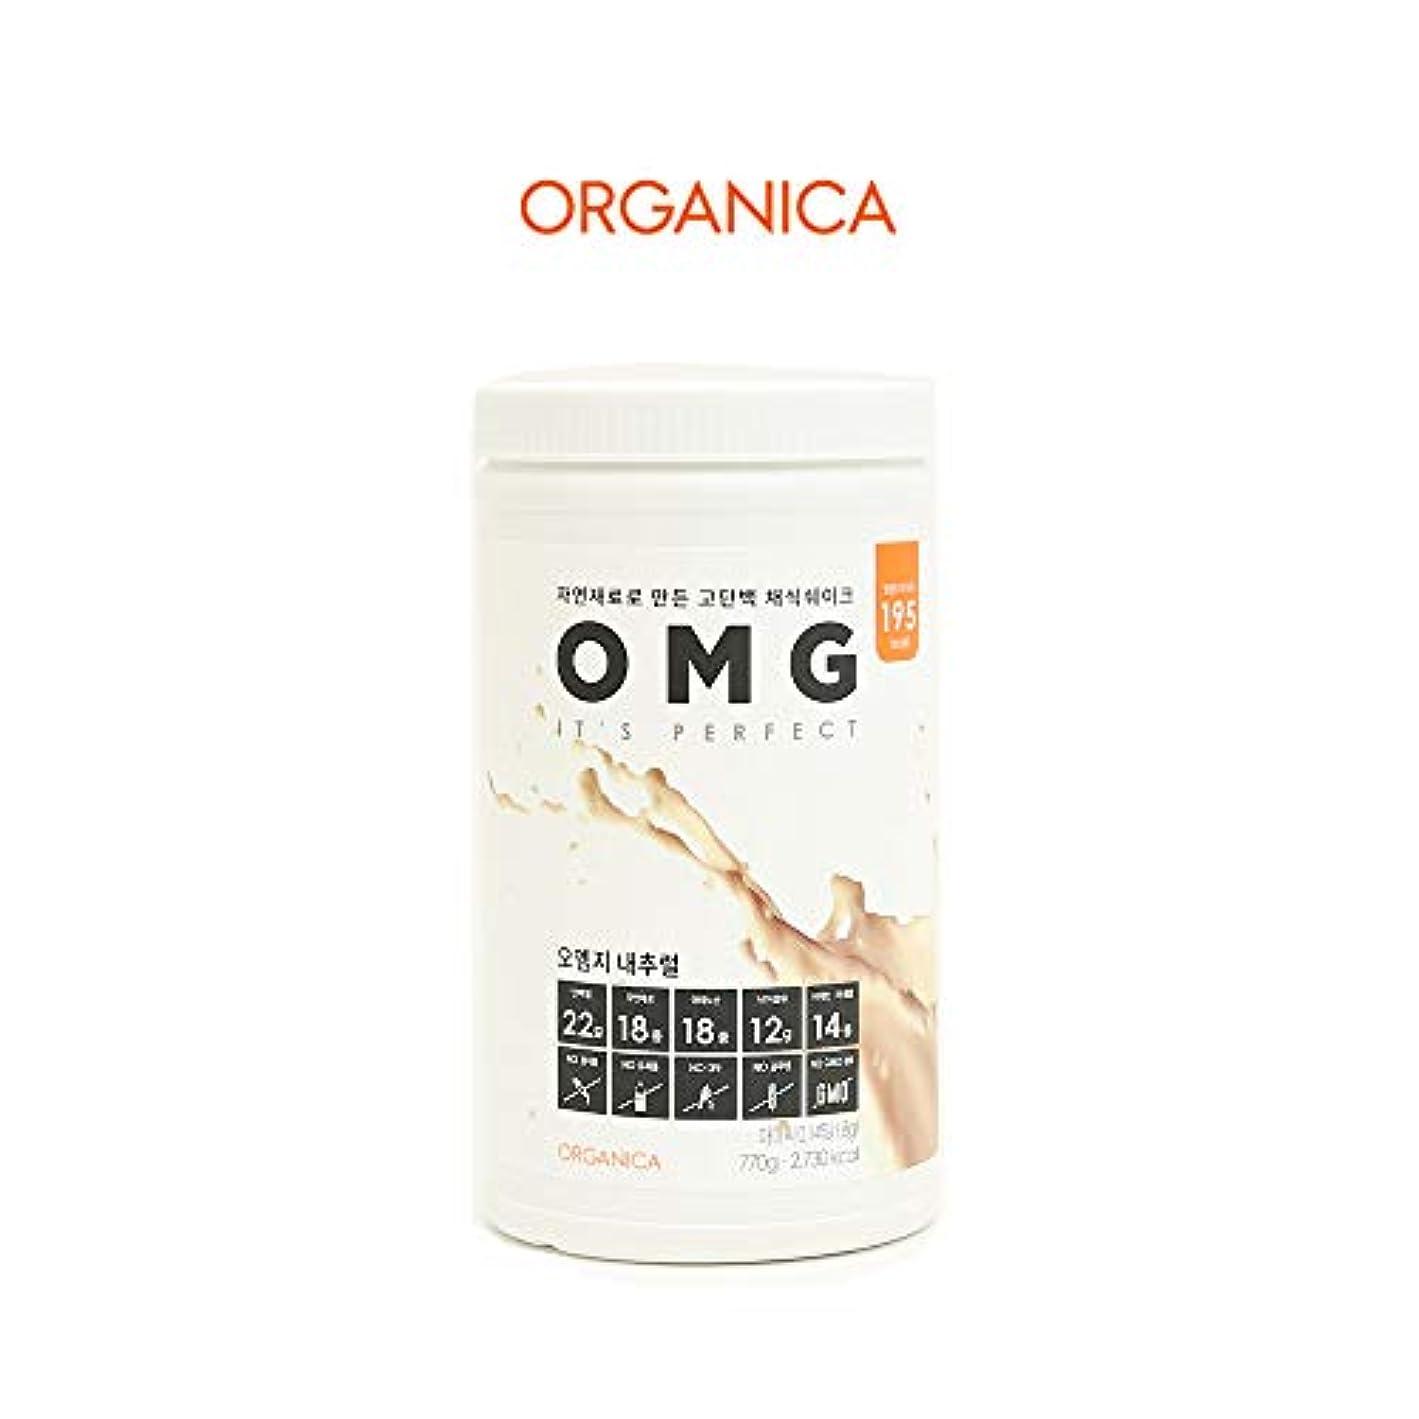 質素なとは異なり日常的にオーエムジー タンパク質 ダイエット シェイク (OMG, protein shake) (ナチュラル)